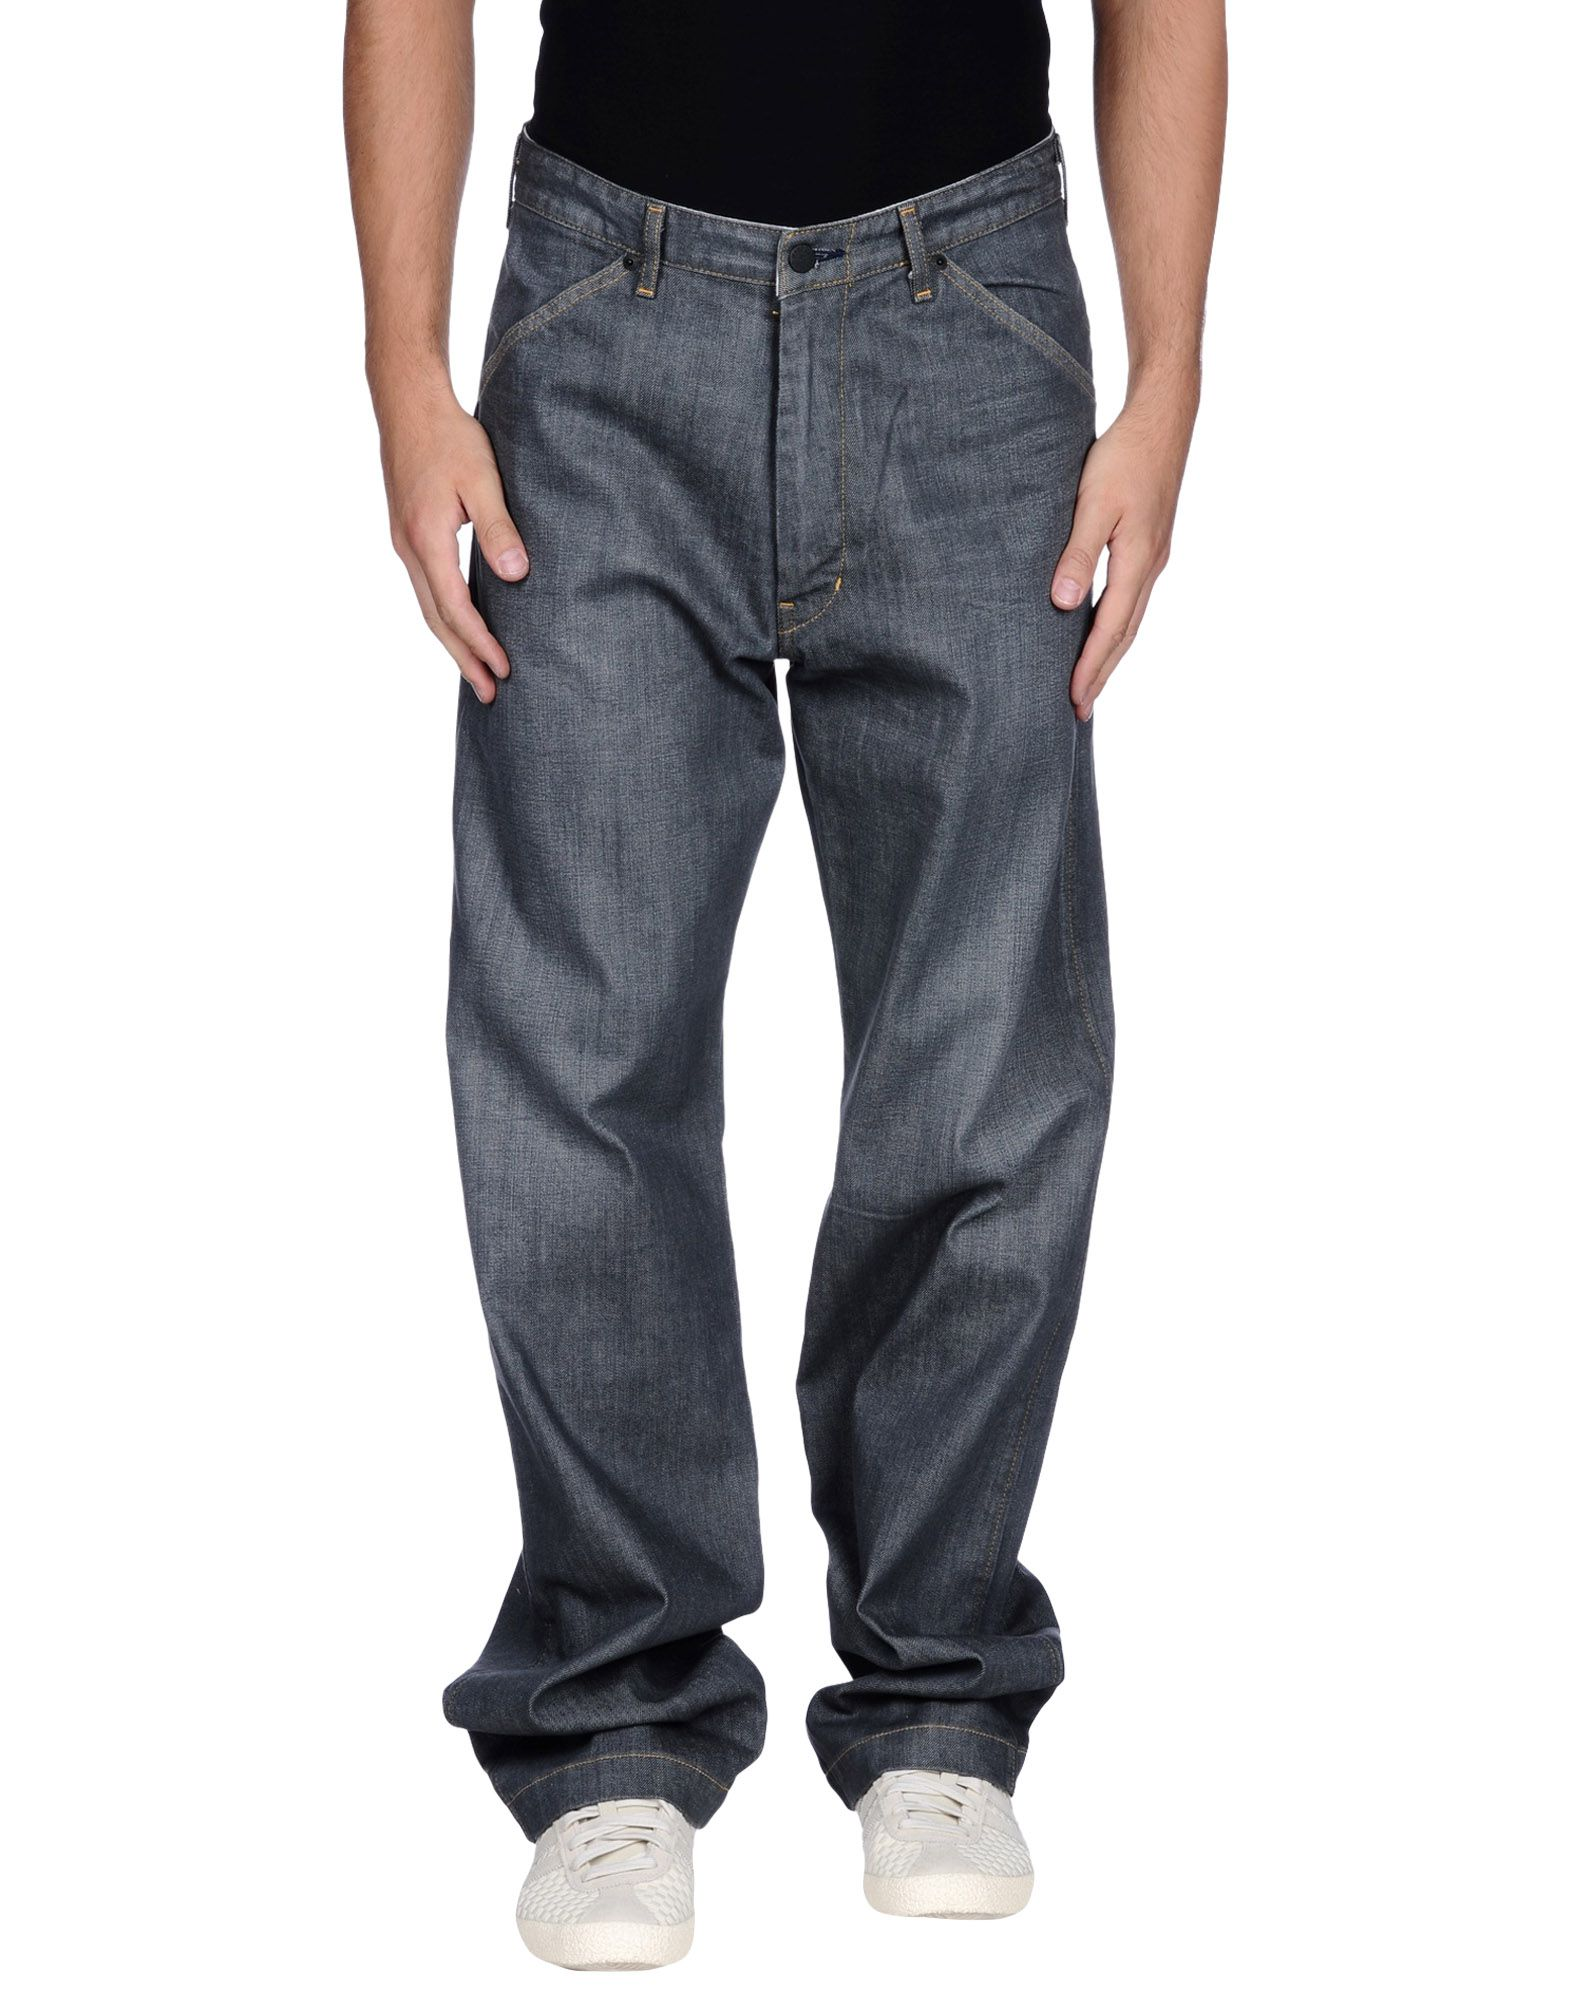 SURFACE TO AIR Джинсовые брюки surface to air джинсы surface to air wss11 jtr 1 бежевый